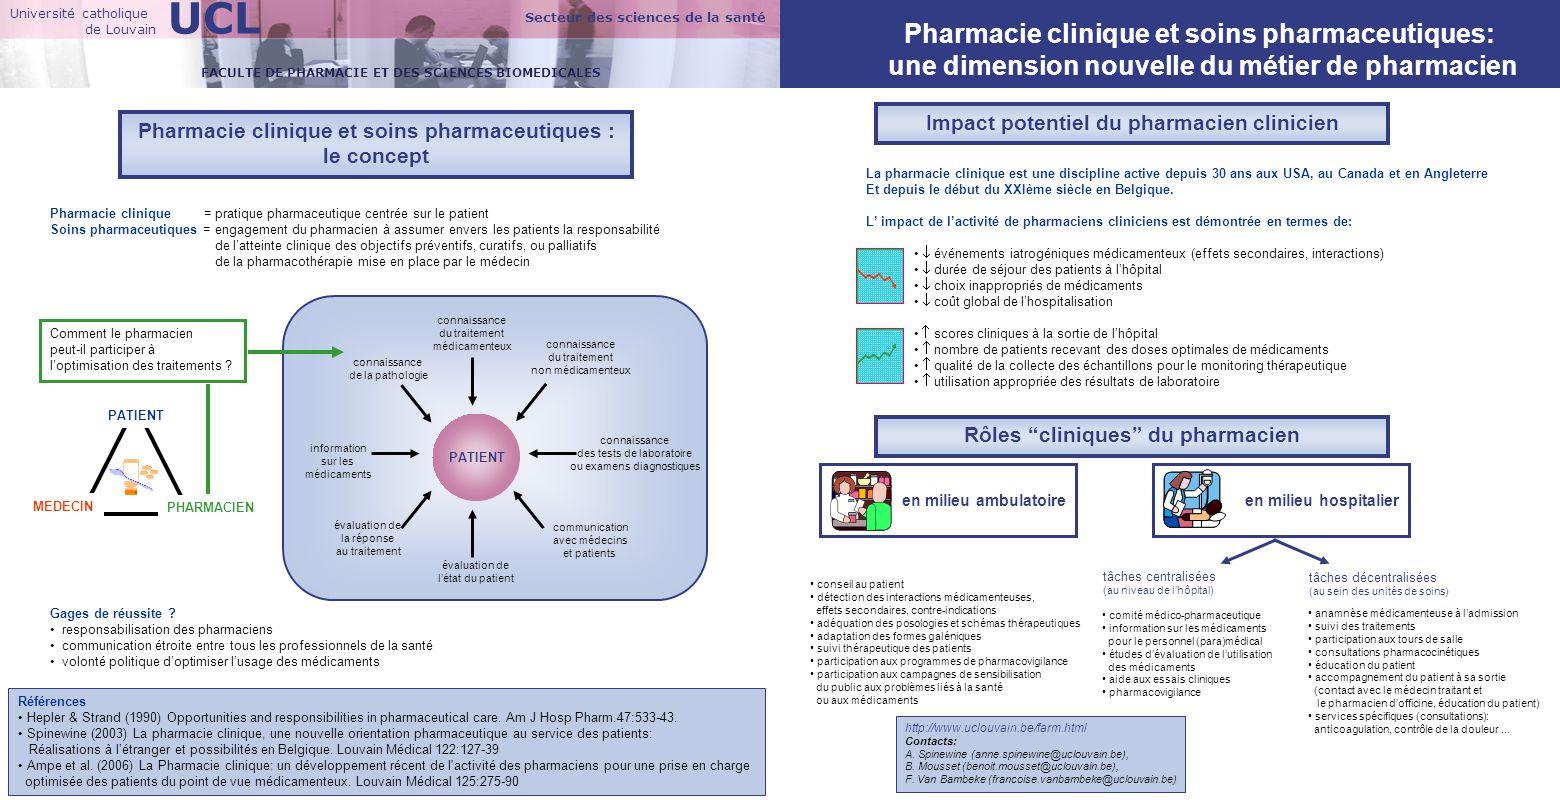 UCL Pharmacie clinique et soins pharmaceutiques: